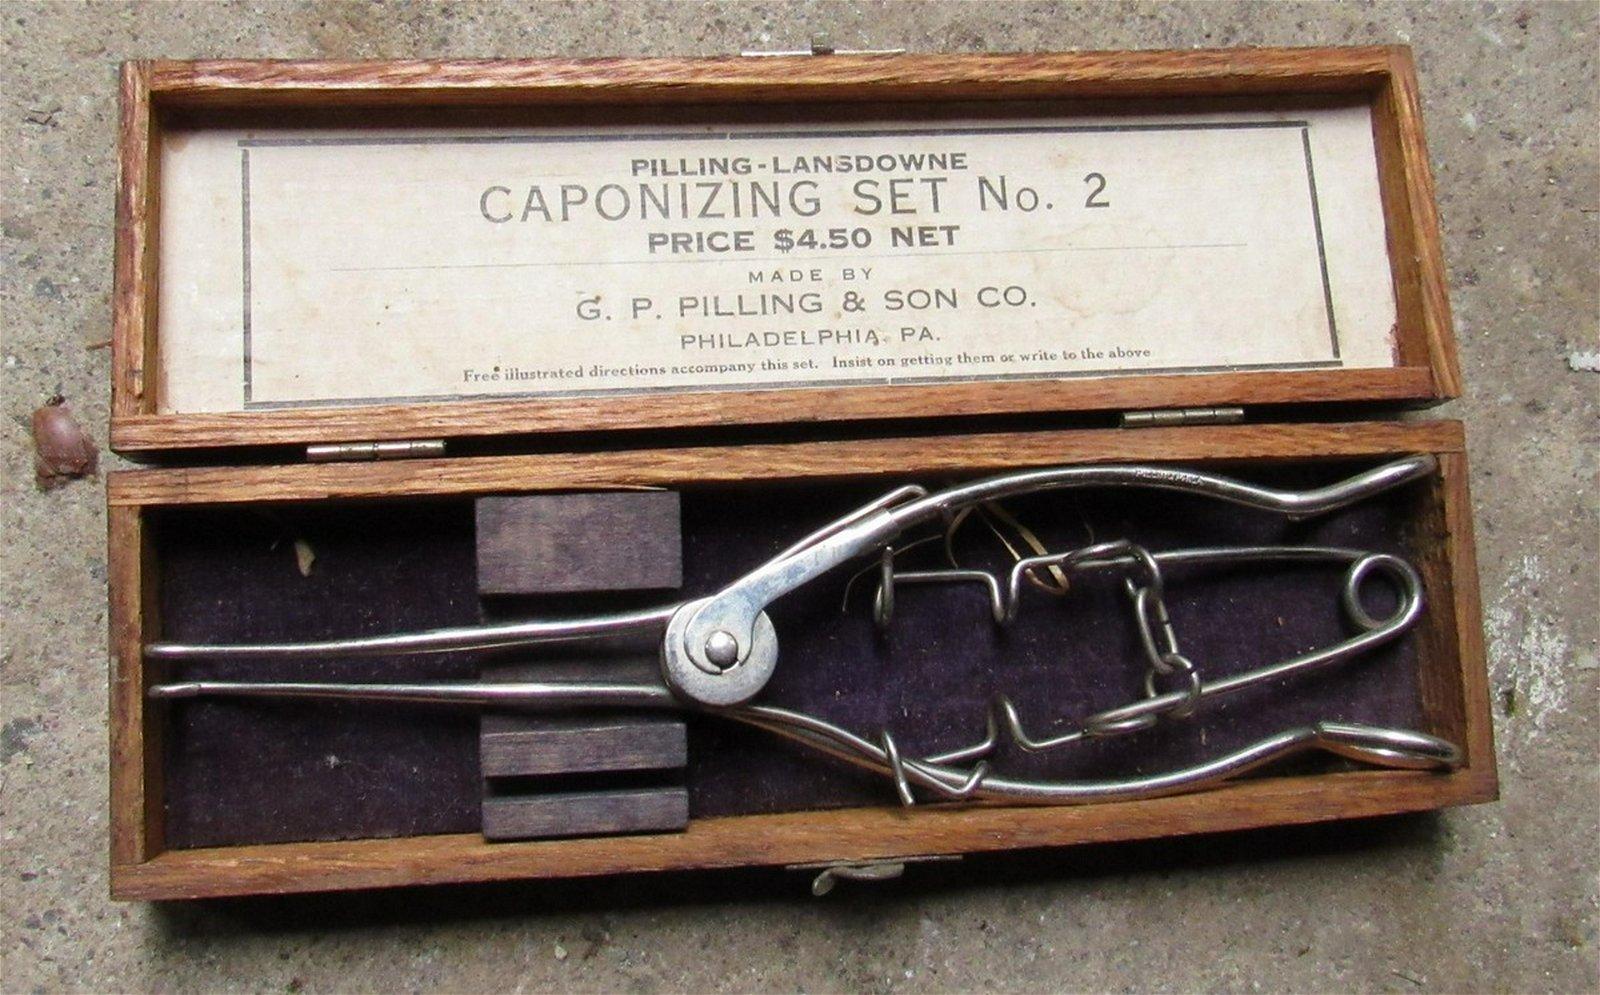 Pilling Lansdowne Caponizing Chicken Kit